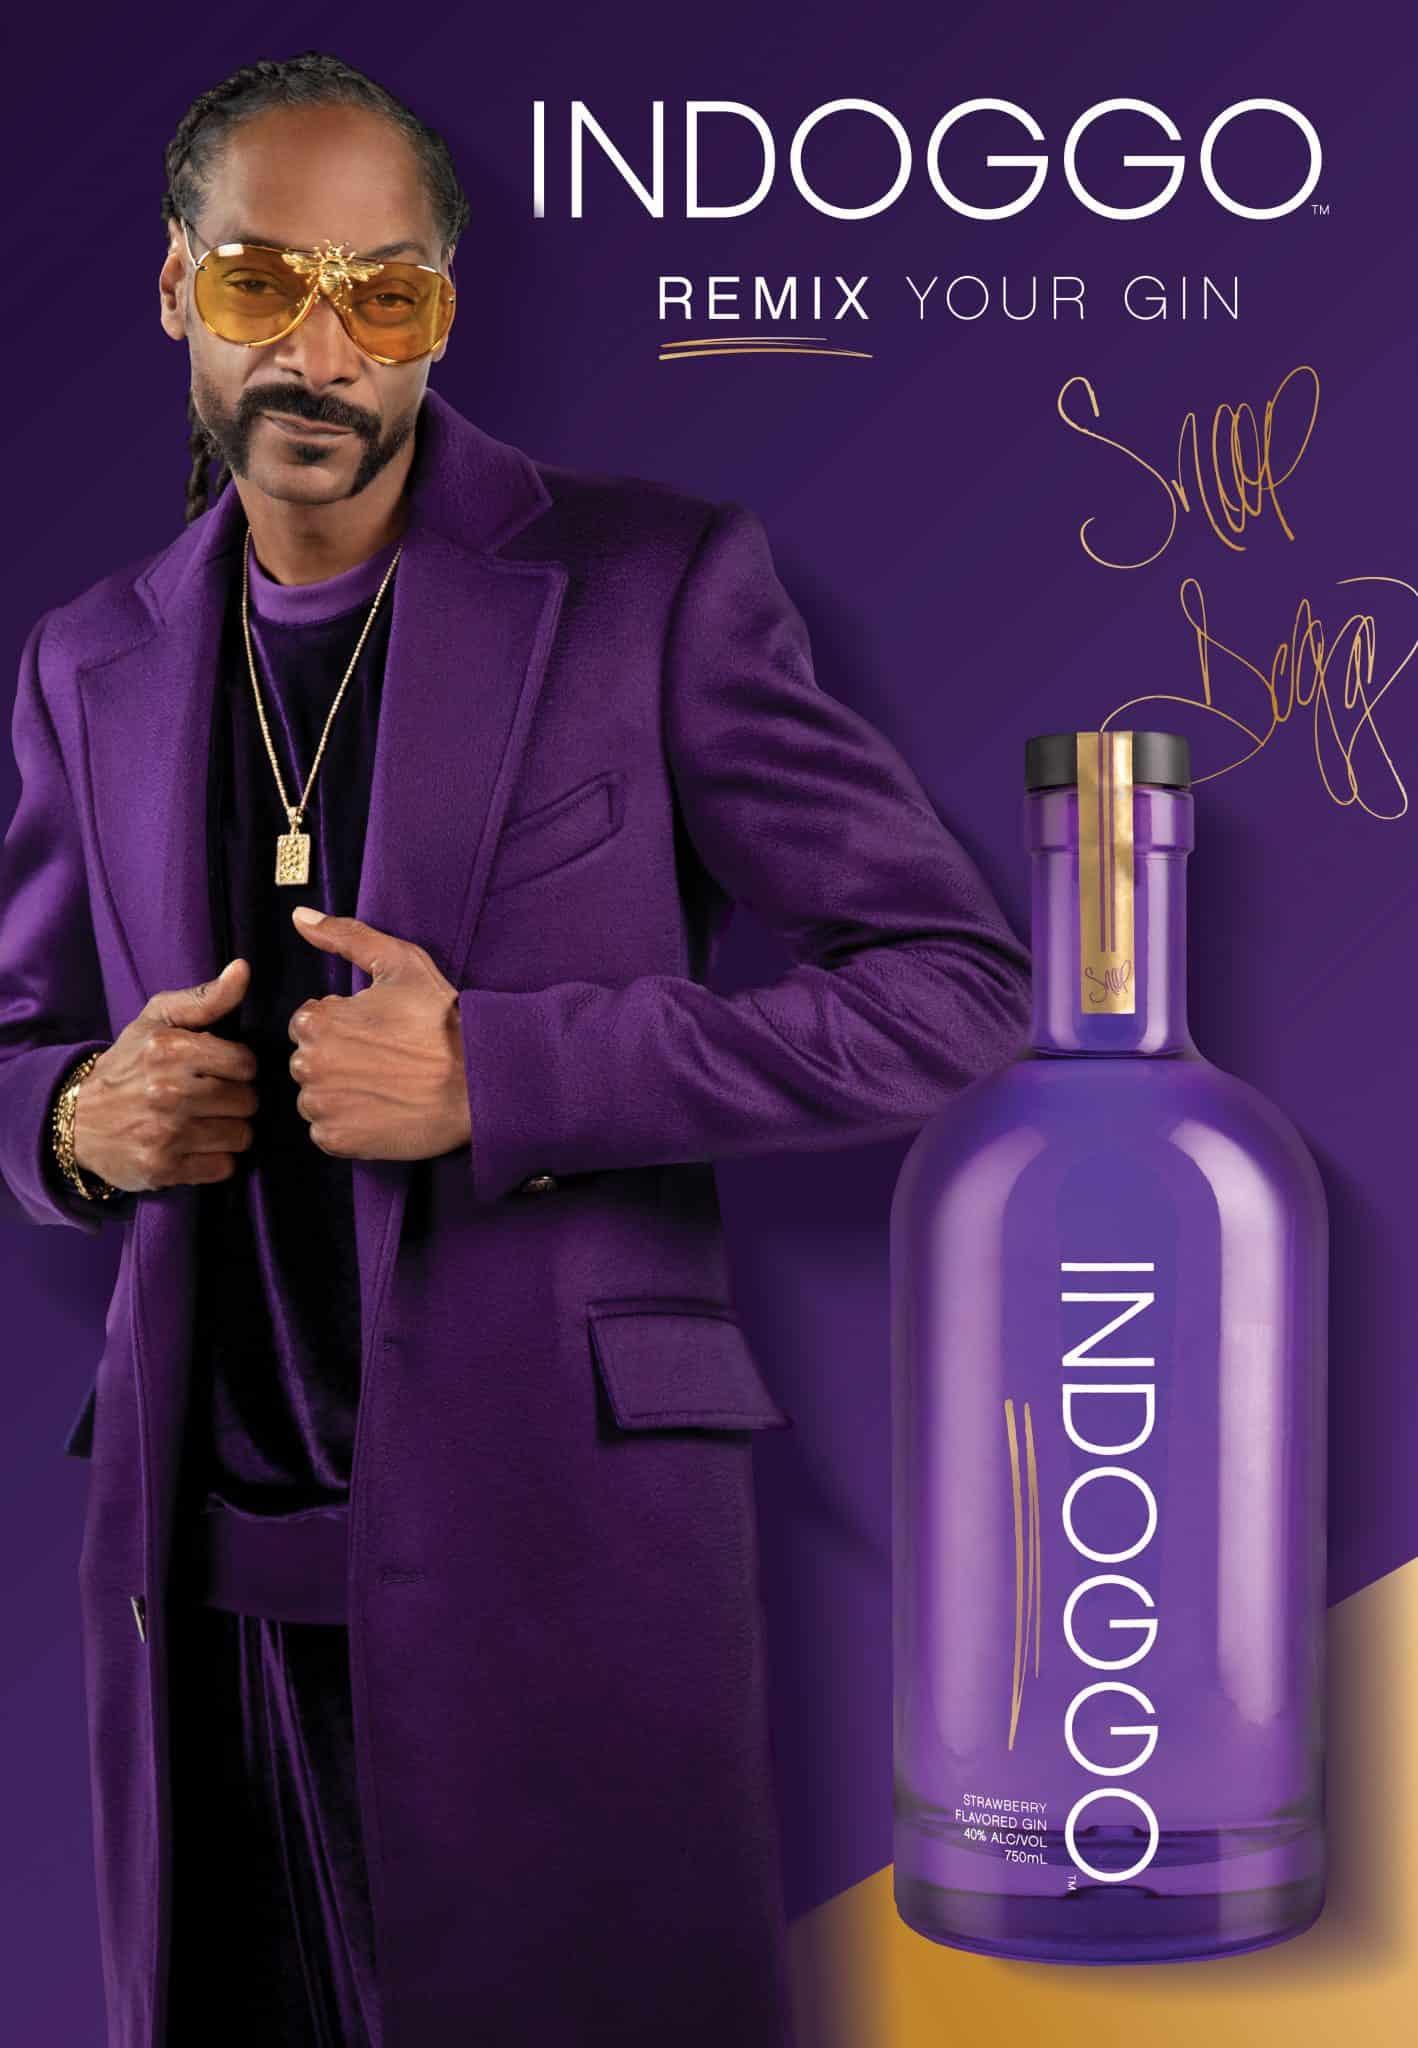 Snoop Dogg INDOGGO Gin